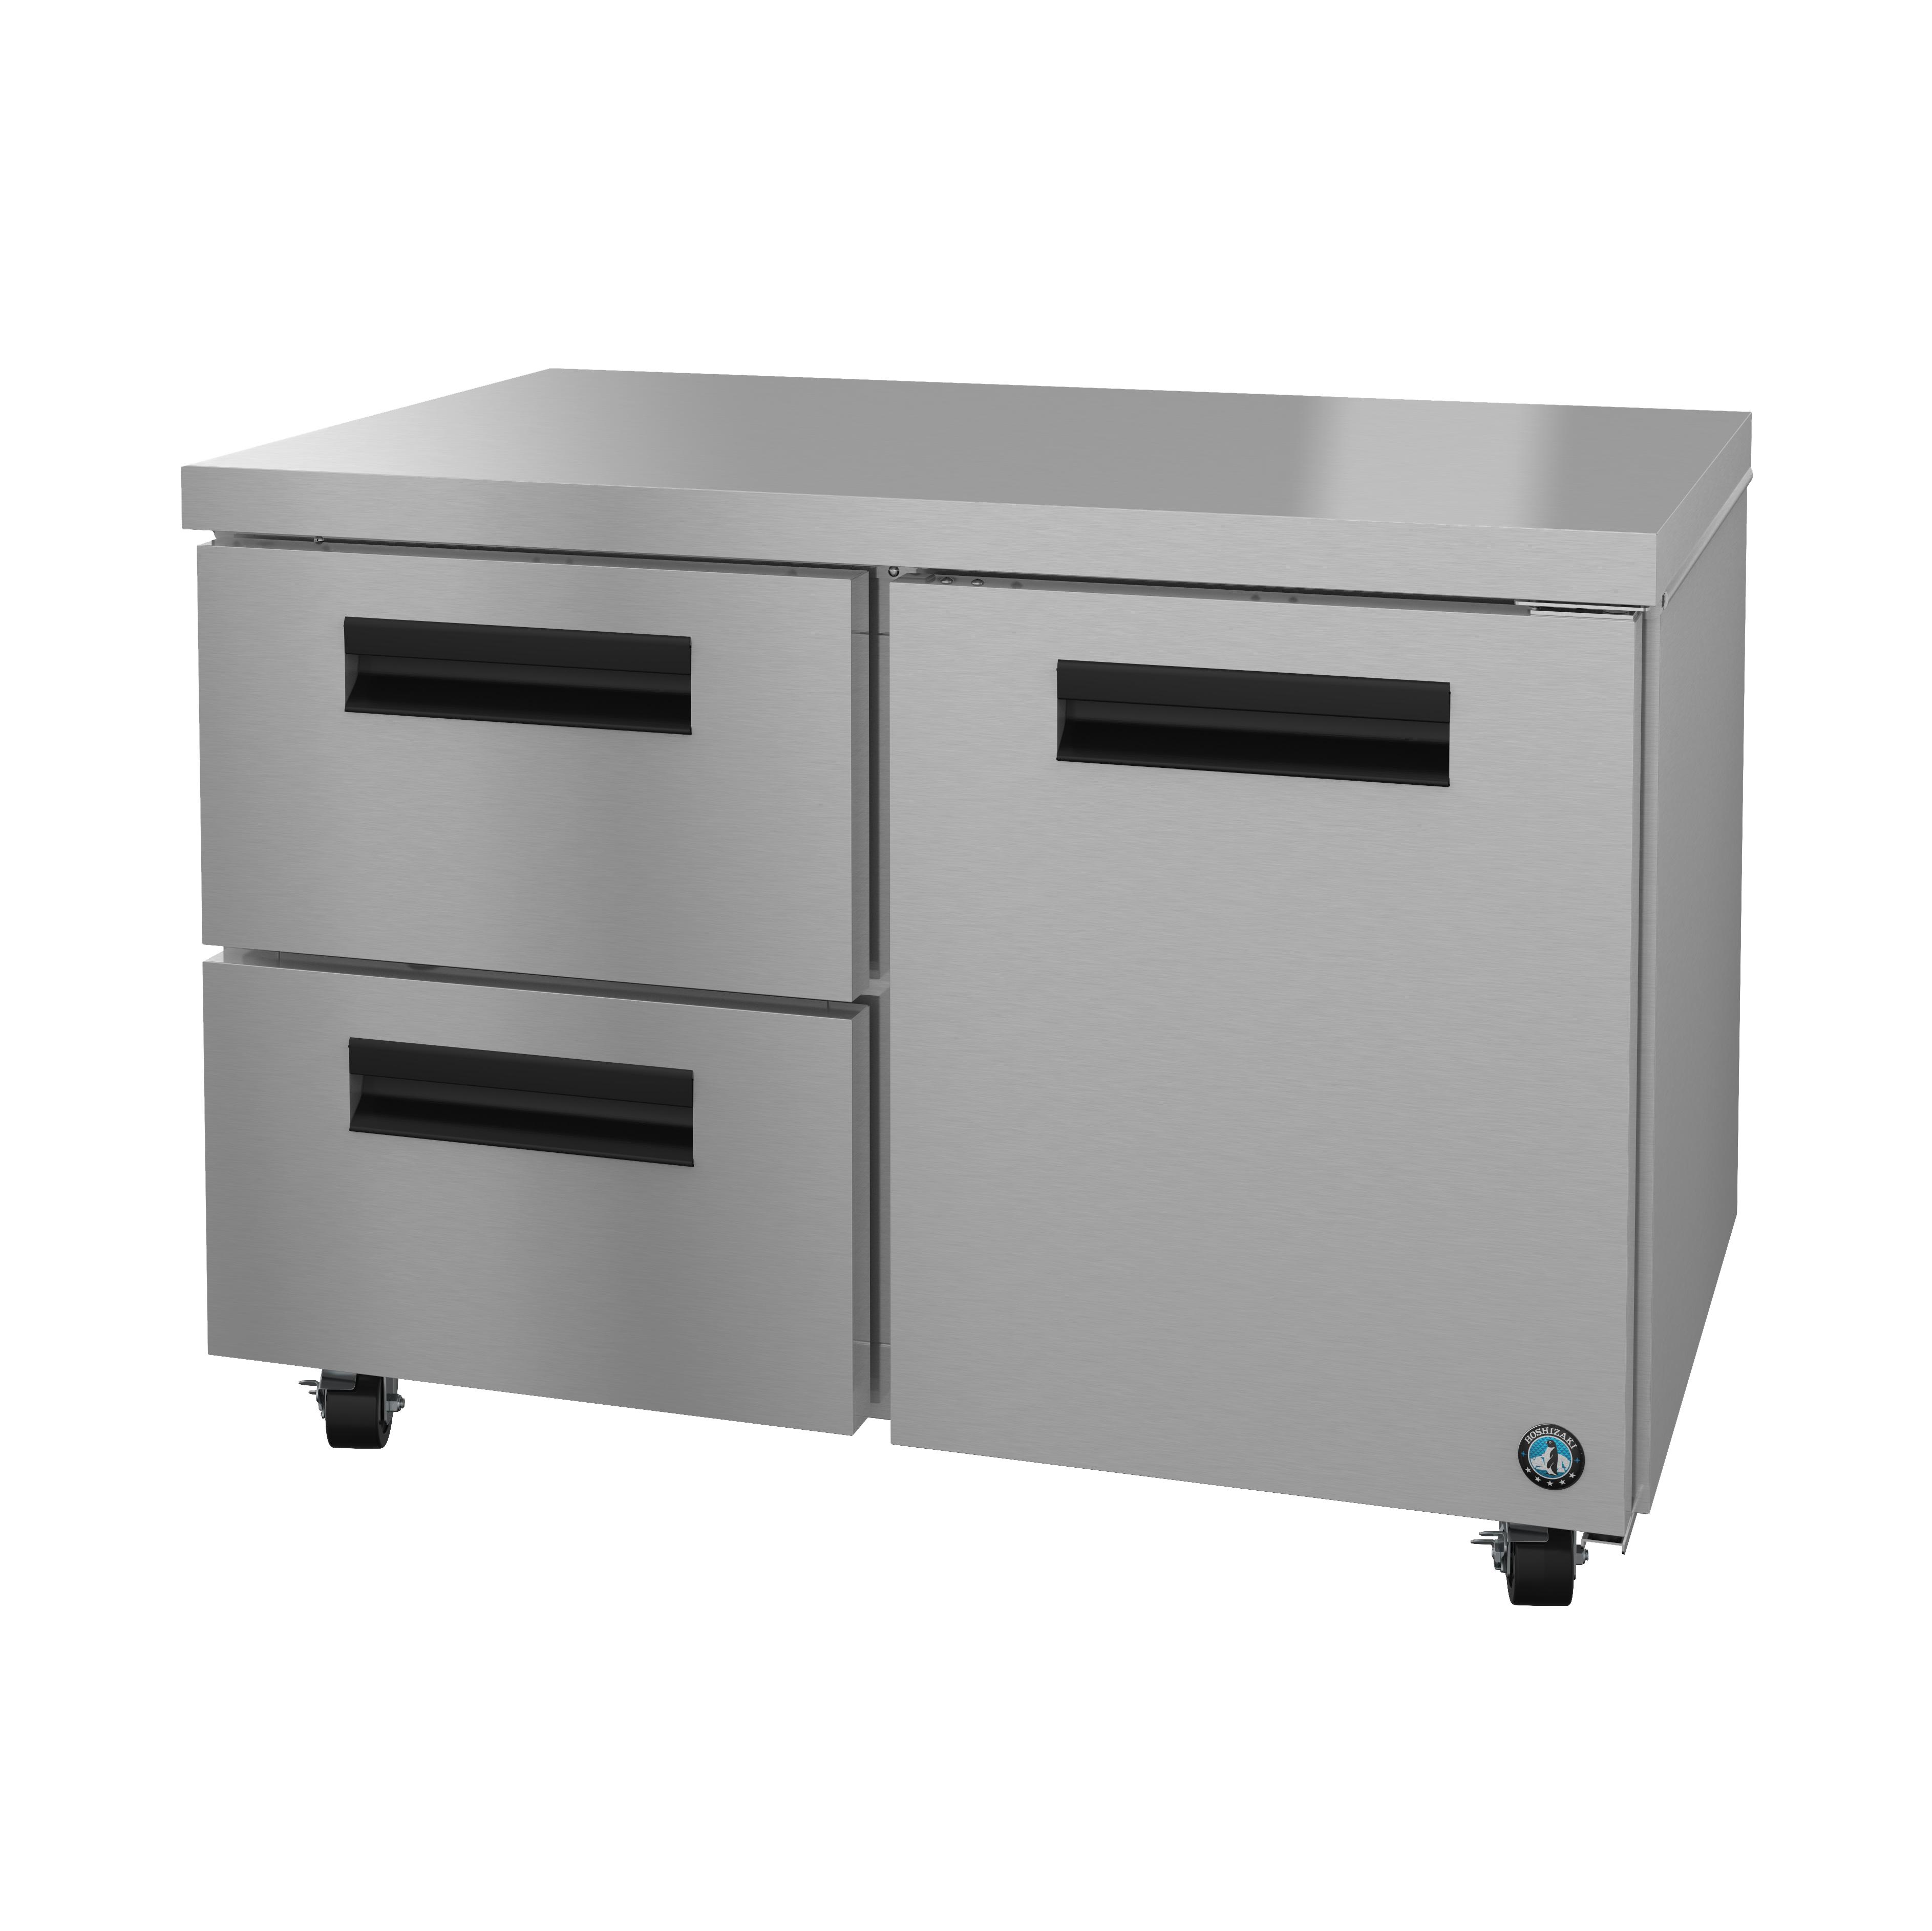 Hoshizaki UR48A-D2 refrigerator, undercounter, reach-in